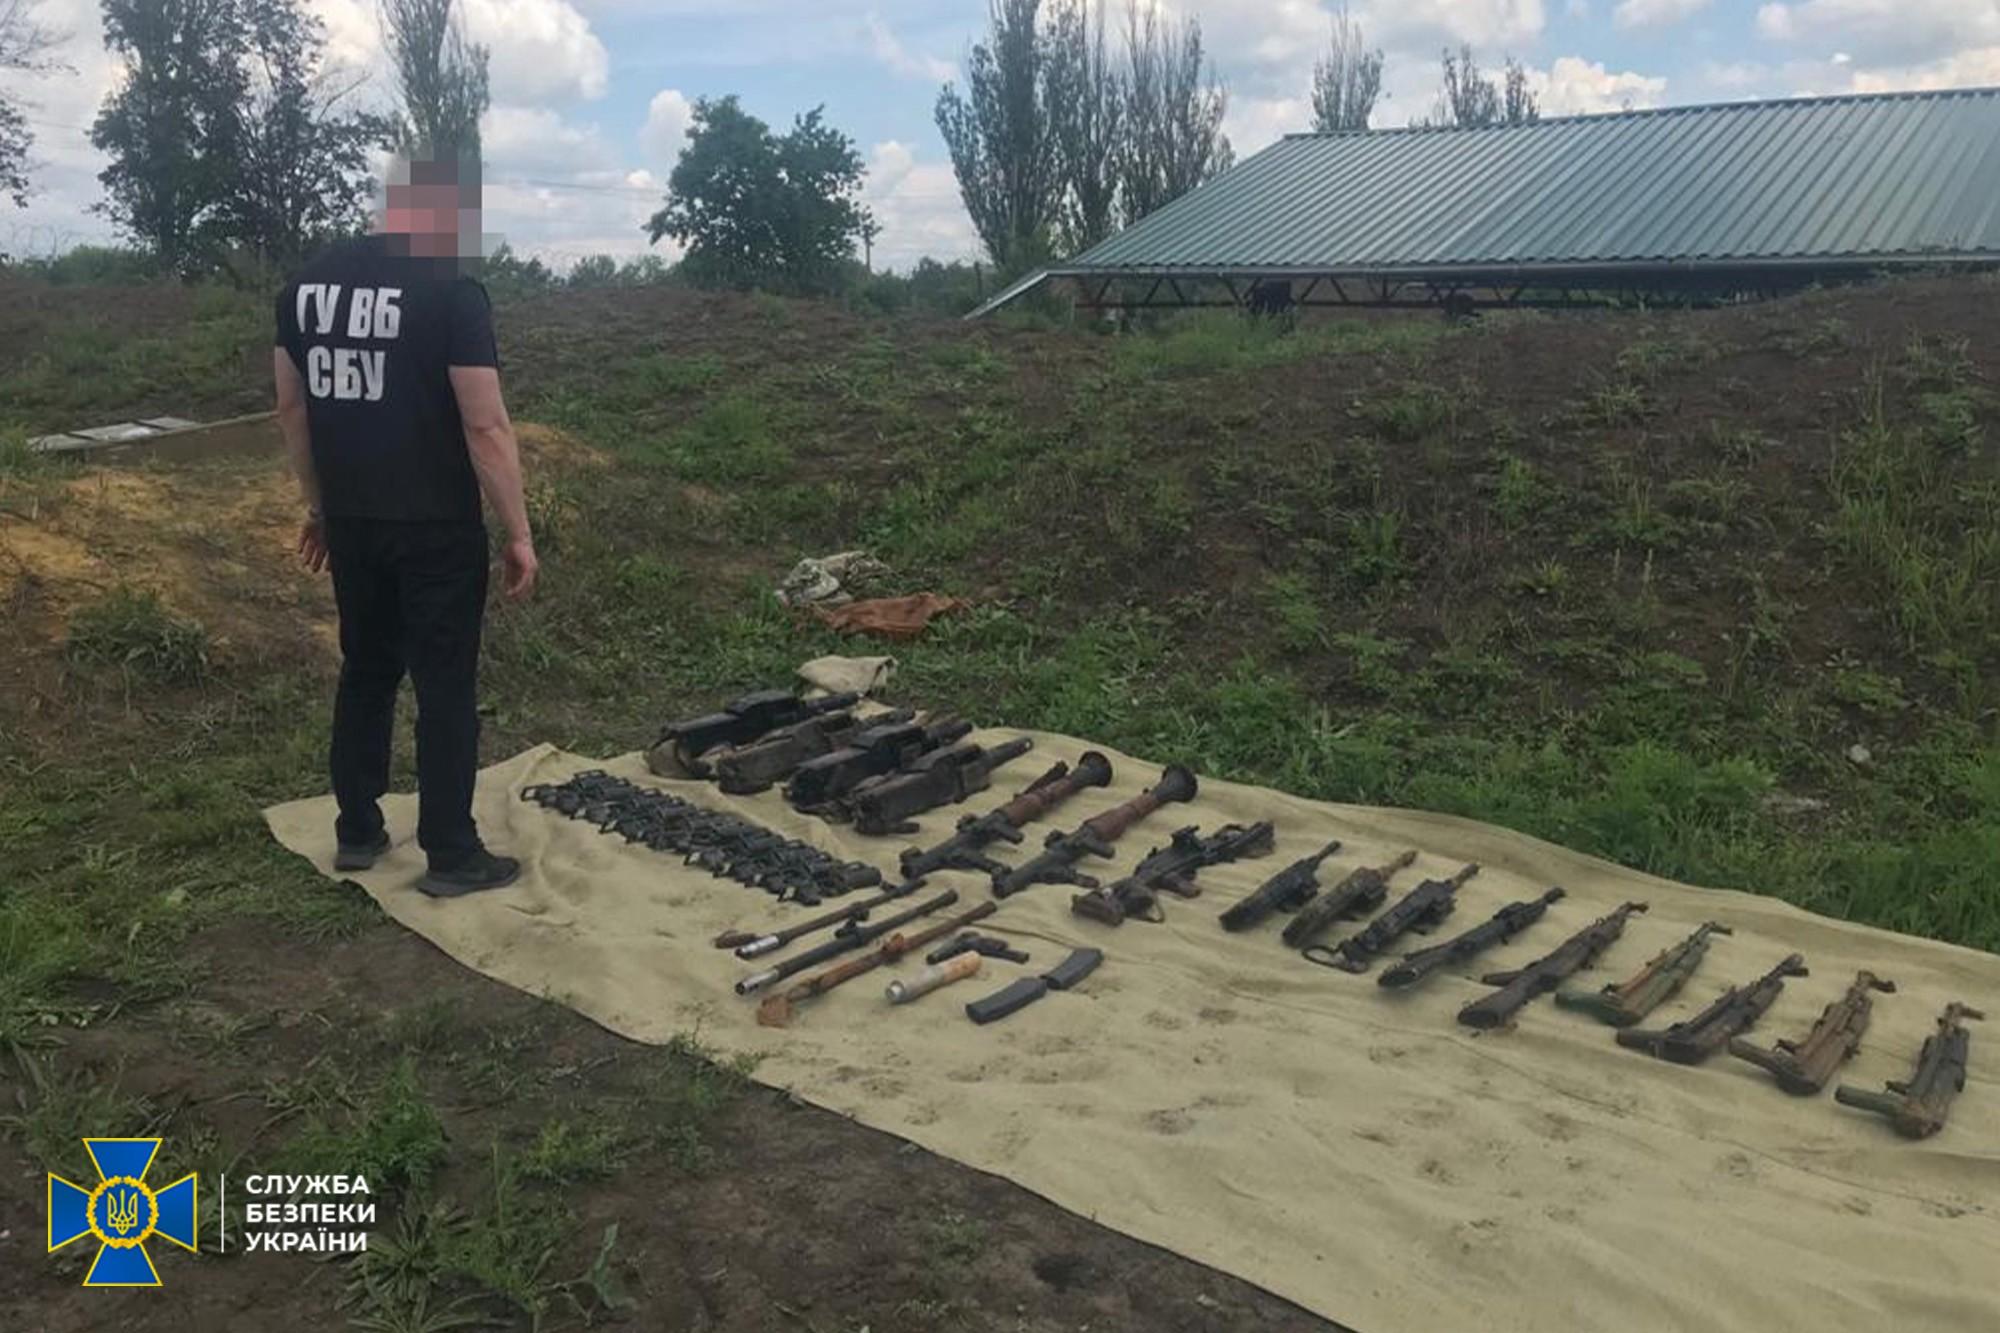 Военные пытались похитить оружие из воинской части - фото 2